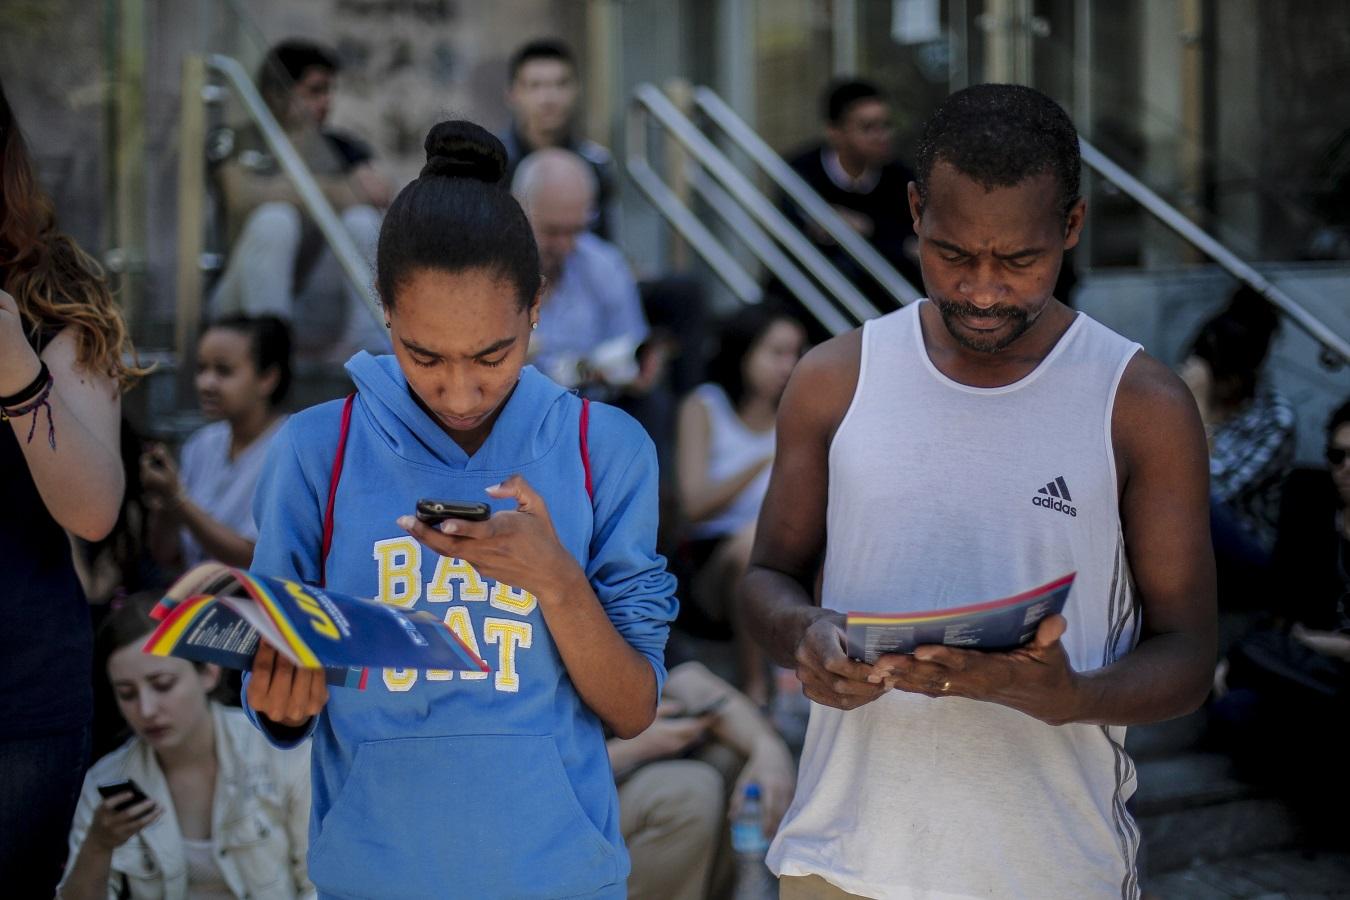 Candidatos se preparam para a prova do ENEM, em Sâo Paulo. O último Censo da Educação Superior contabilizou 8,6 milhões de matrículas em universidades. Foto Suamy Beydoun/AGIF